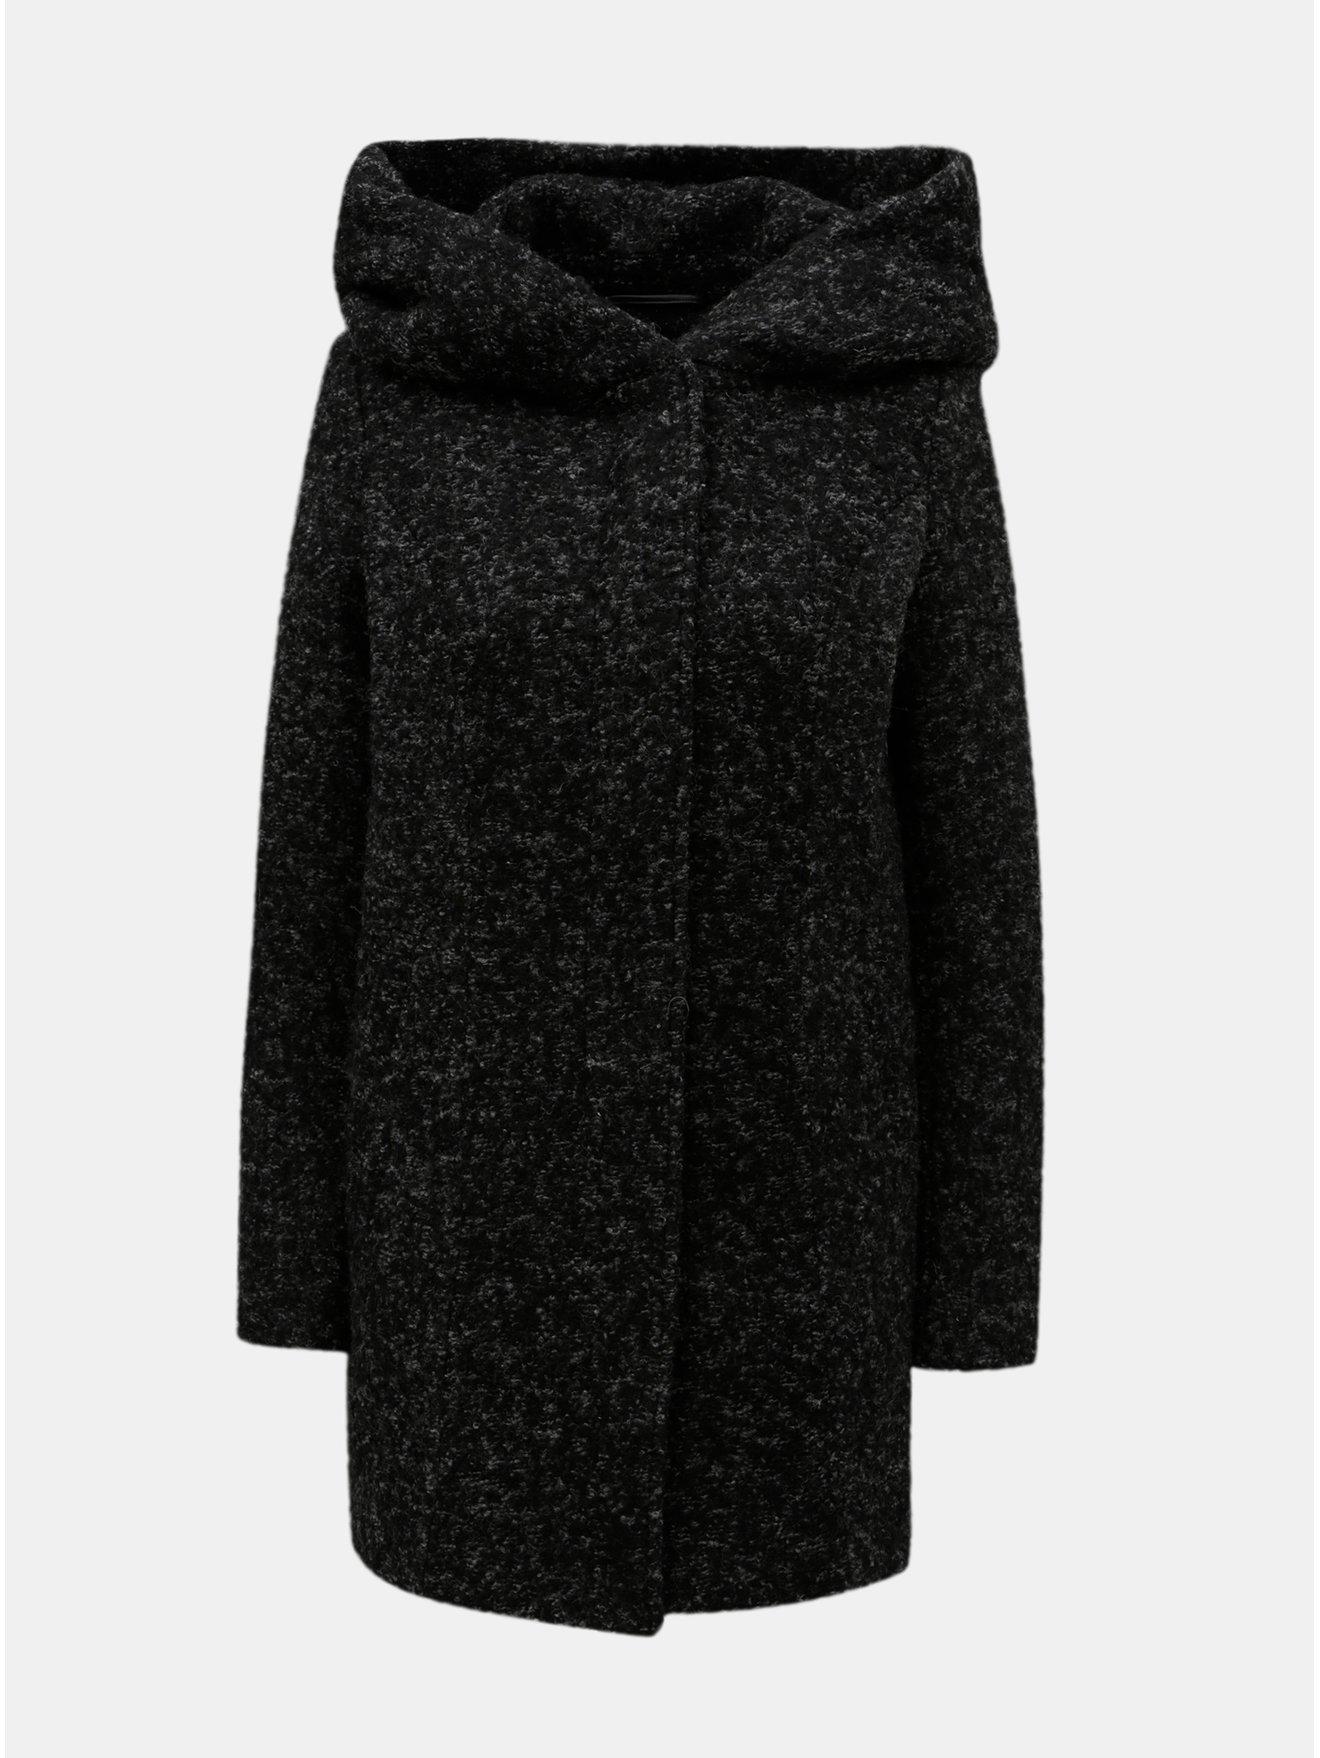 Fotografie Černý žíhaný kabát s příměsí vlny VERO MODA Verodona